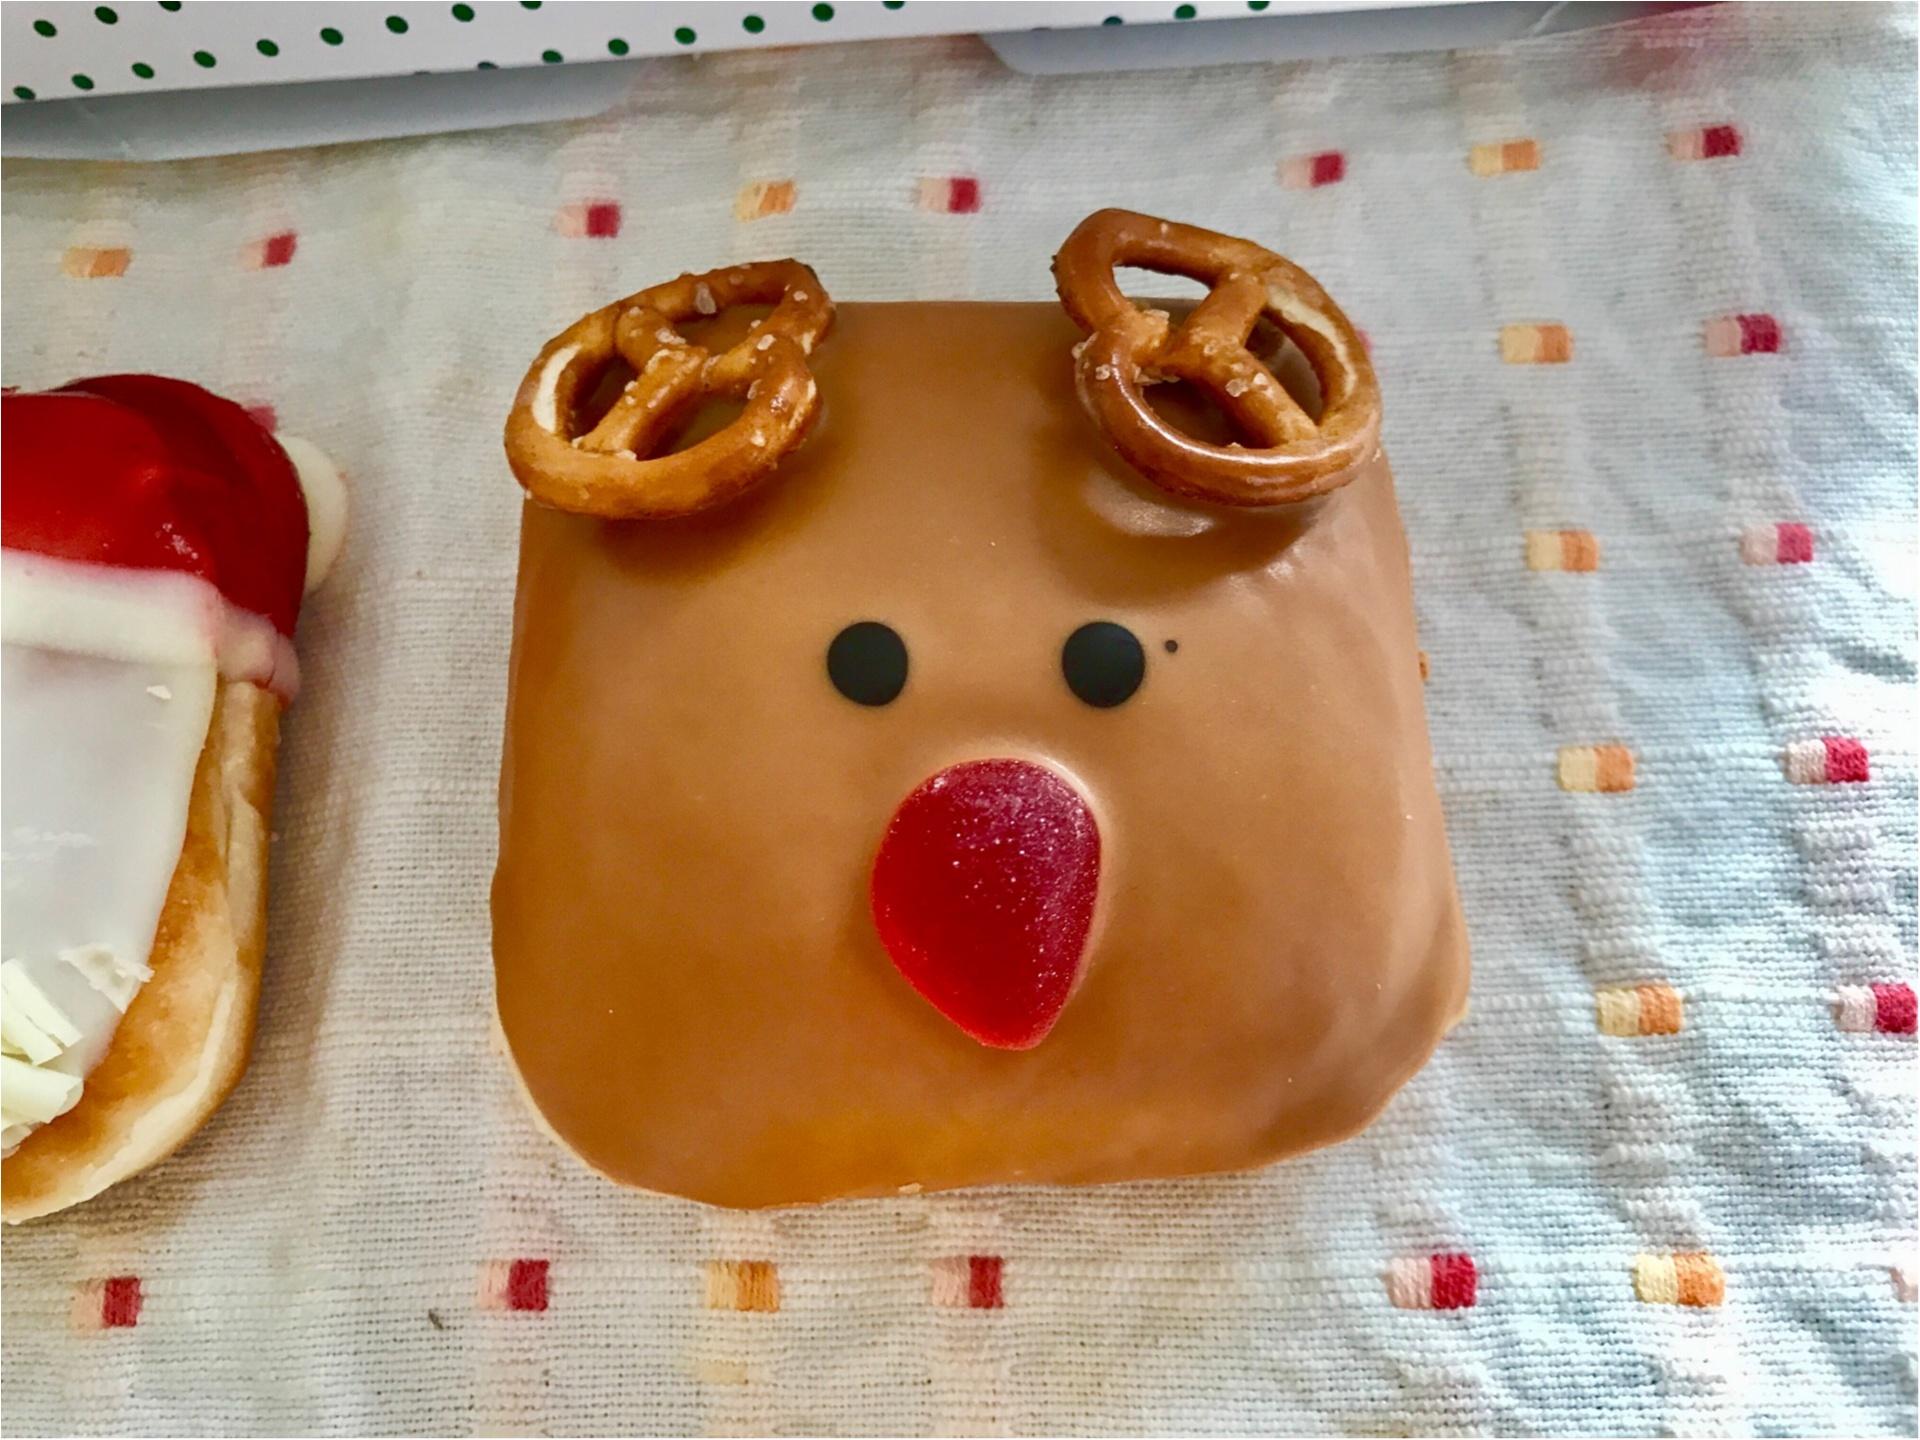 【クリスピークリームドーナツ】クリスマス限定ドーナツが可愛すぎると絶賛の嵐♡_4